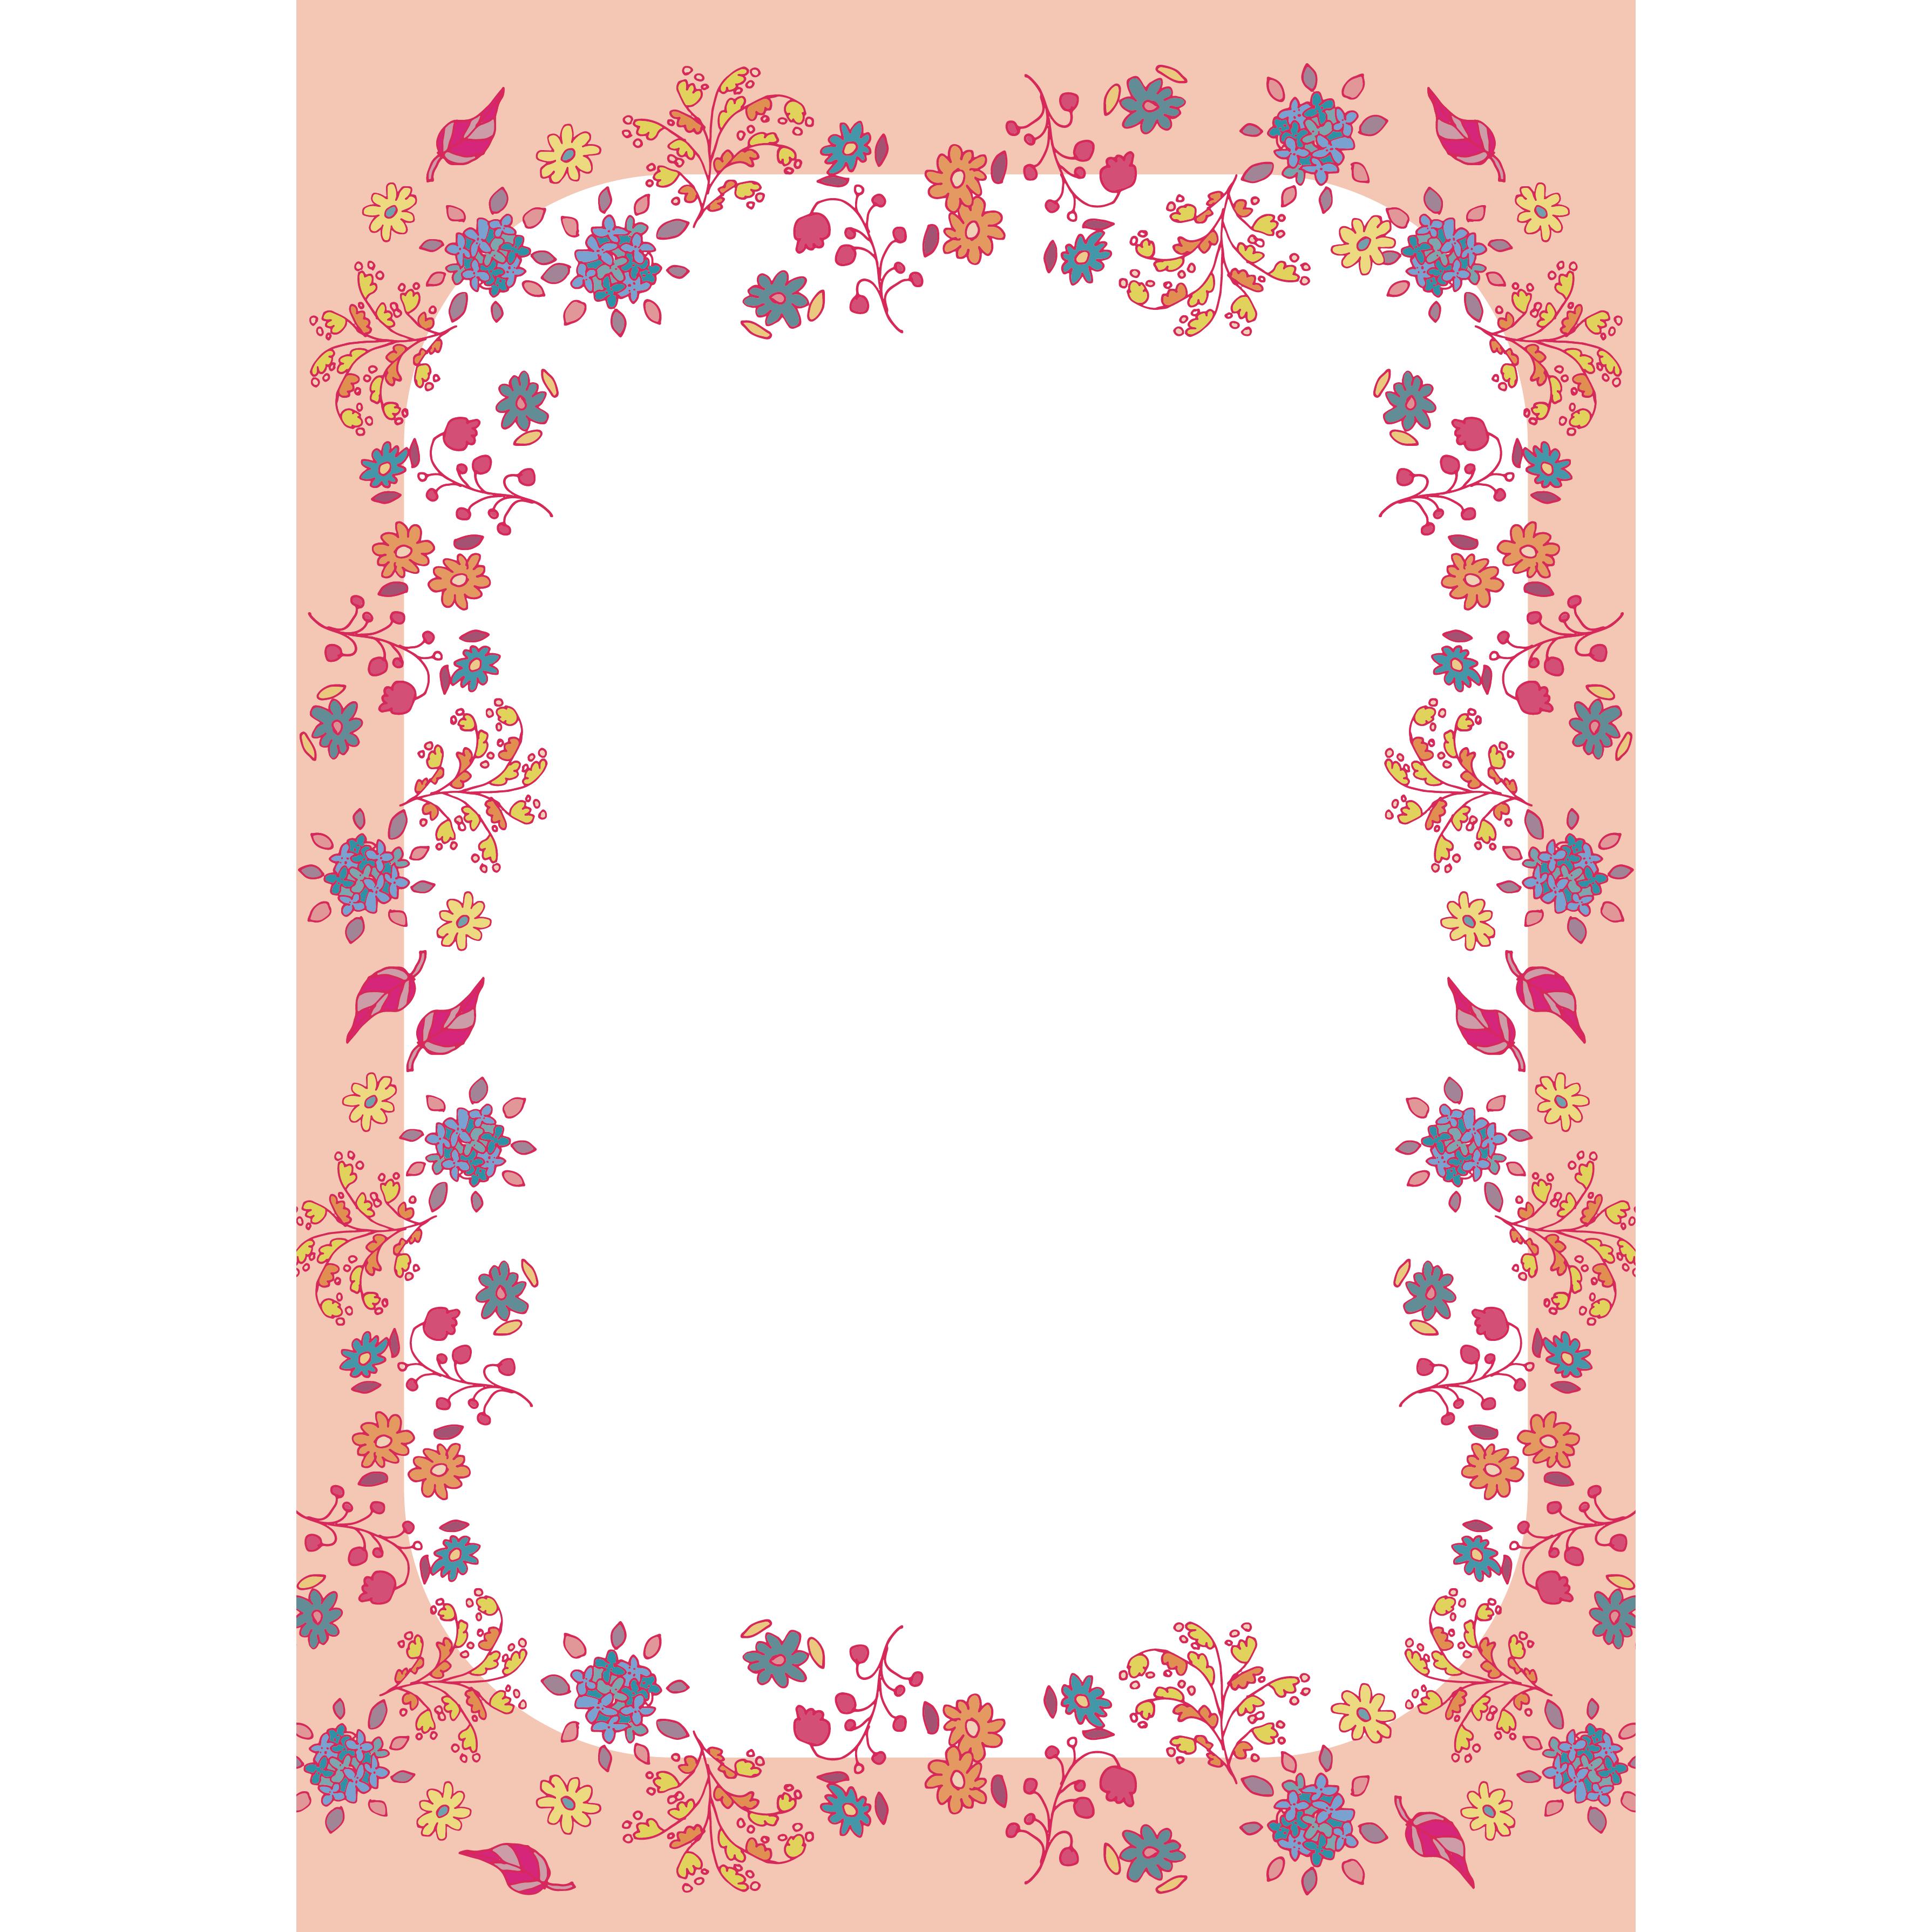 かわいい花柄フレーム便箋枠のイラスト A4サイズ 商用フリー